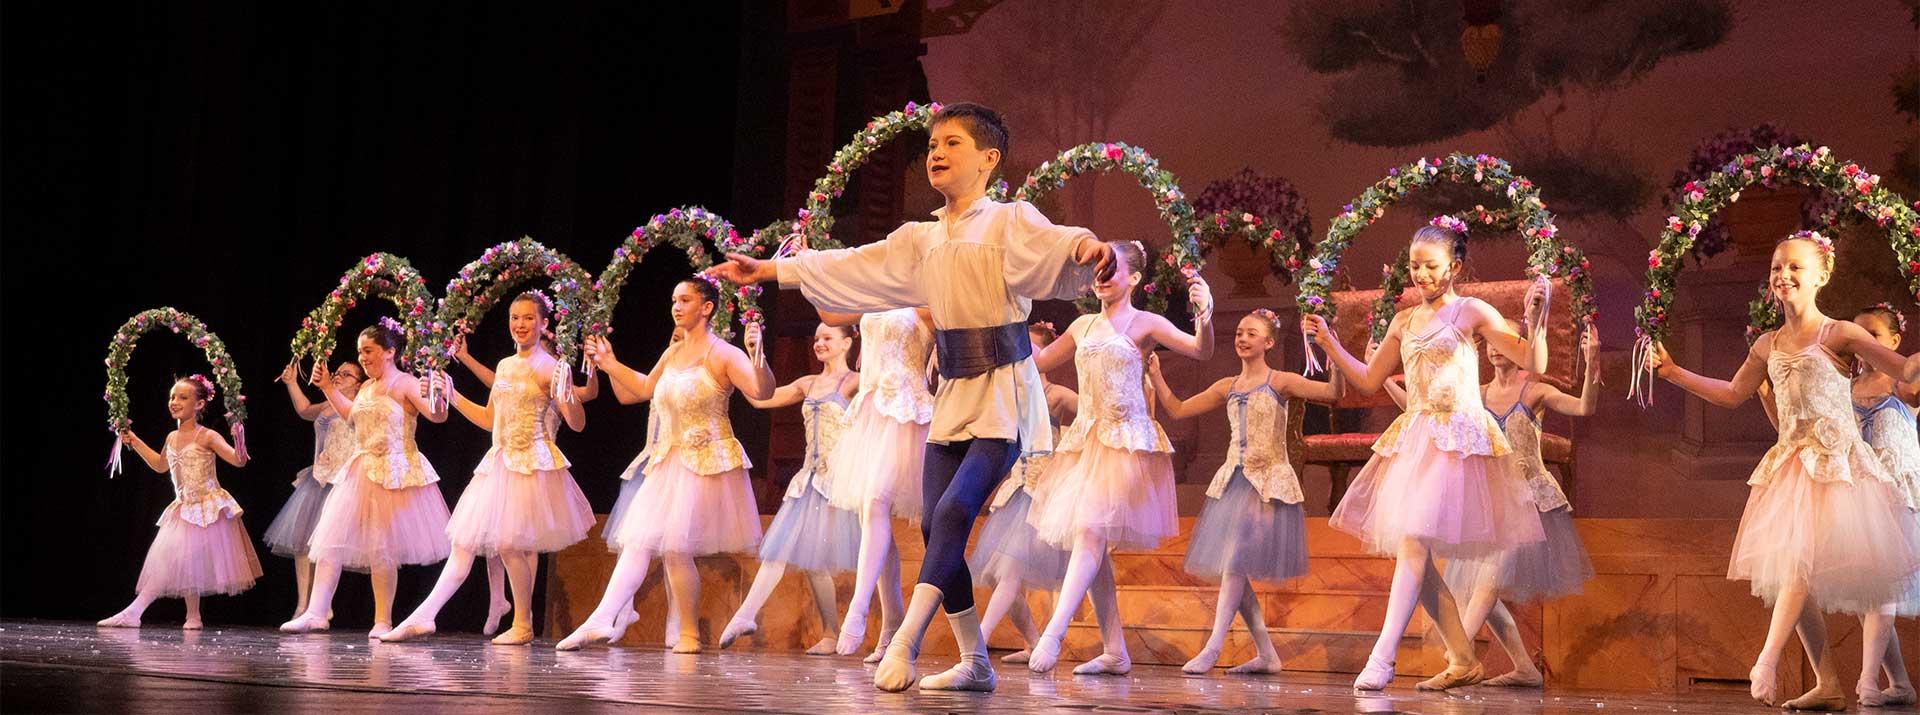 Dance of the Garden City Ballet The Nutcracker